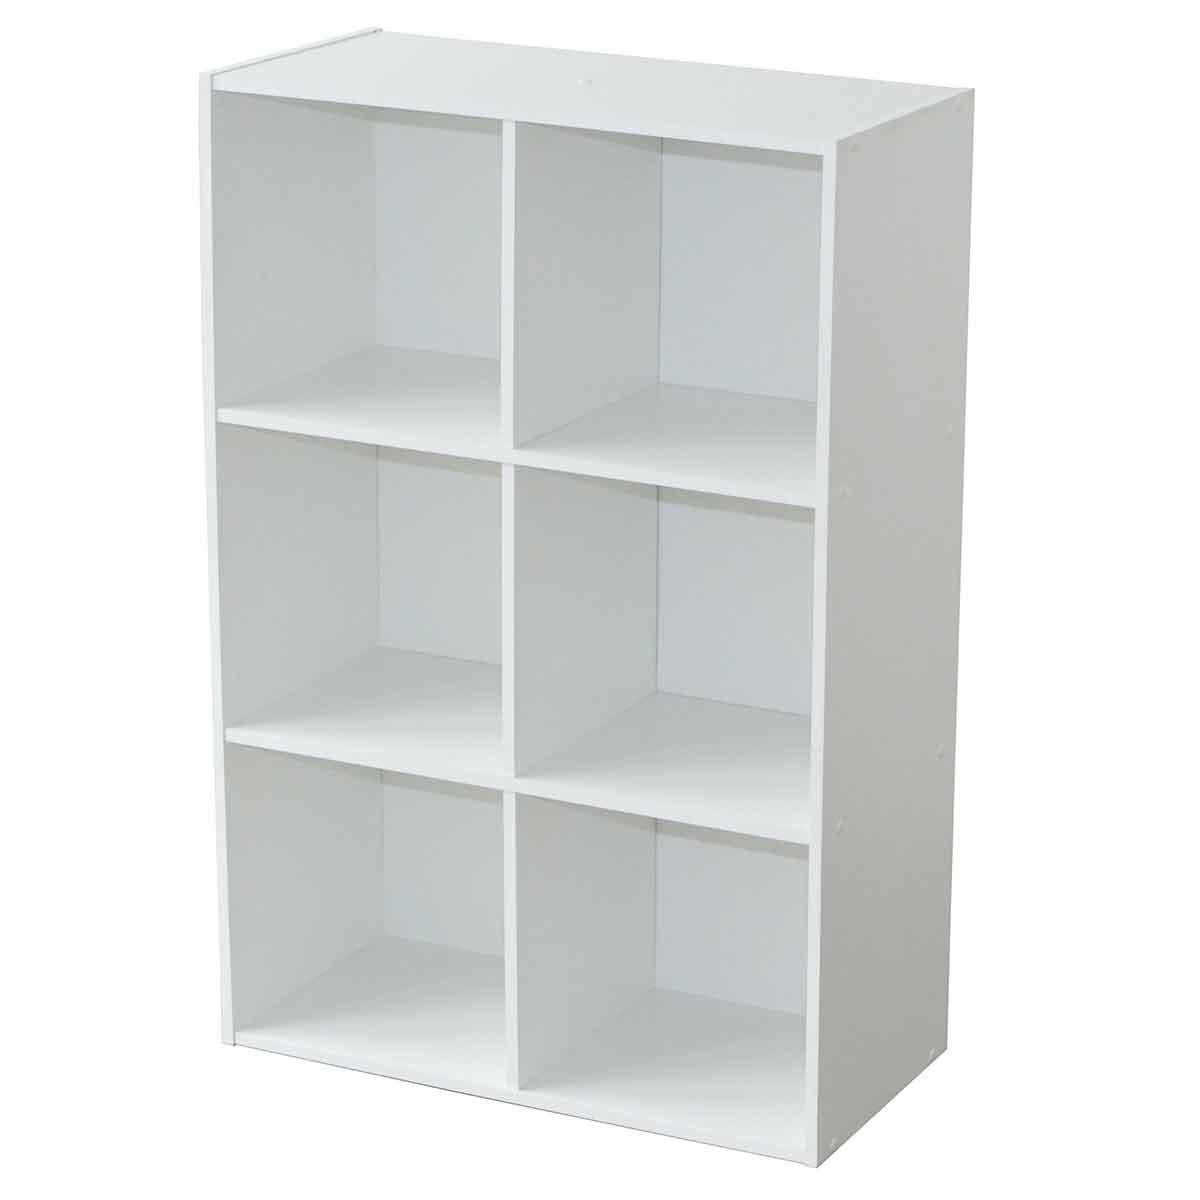 Matelpro meuble de rangement module 6 cases et 4 tag res for Meuble 6 cases